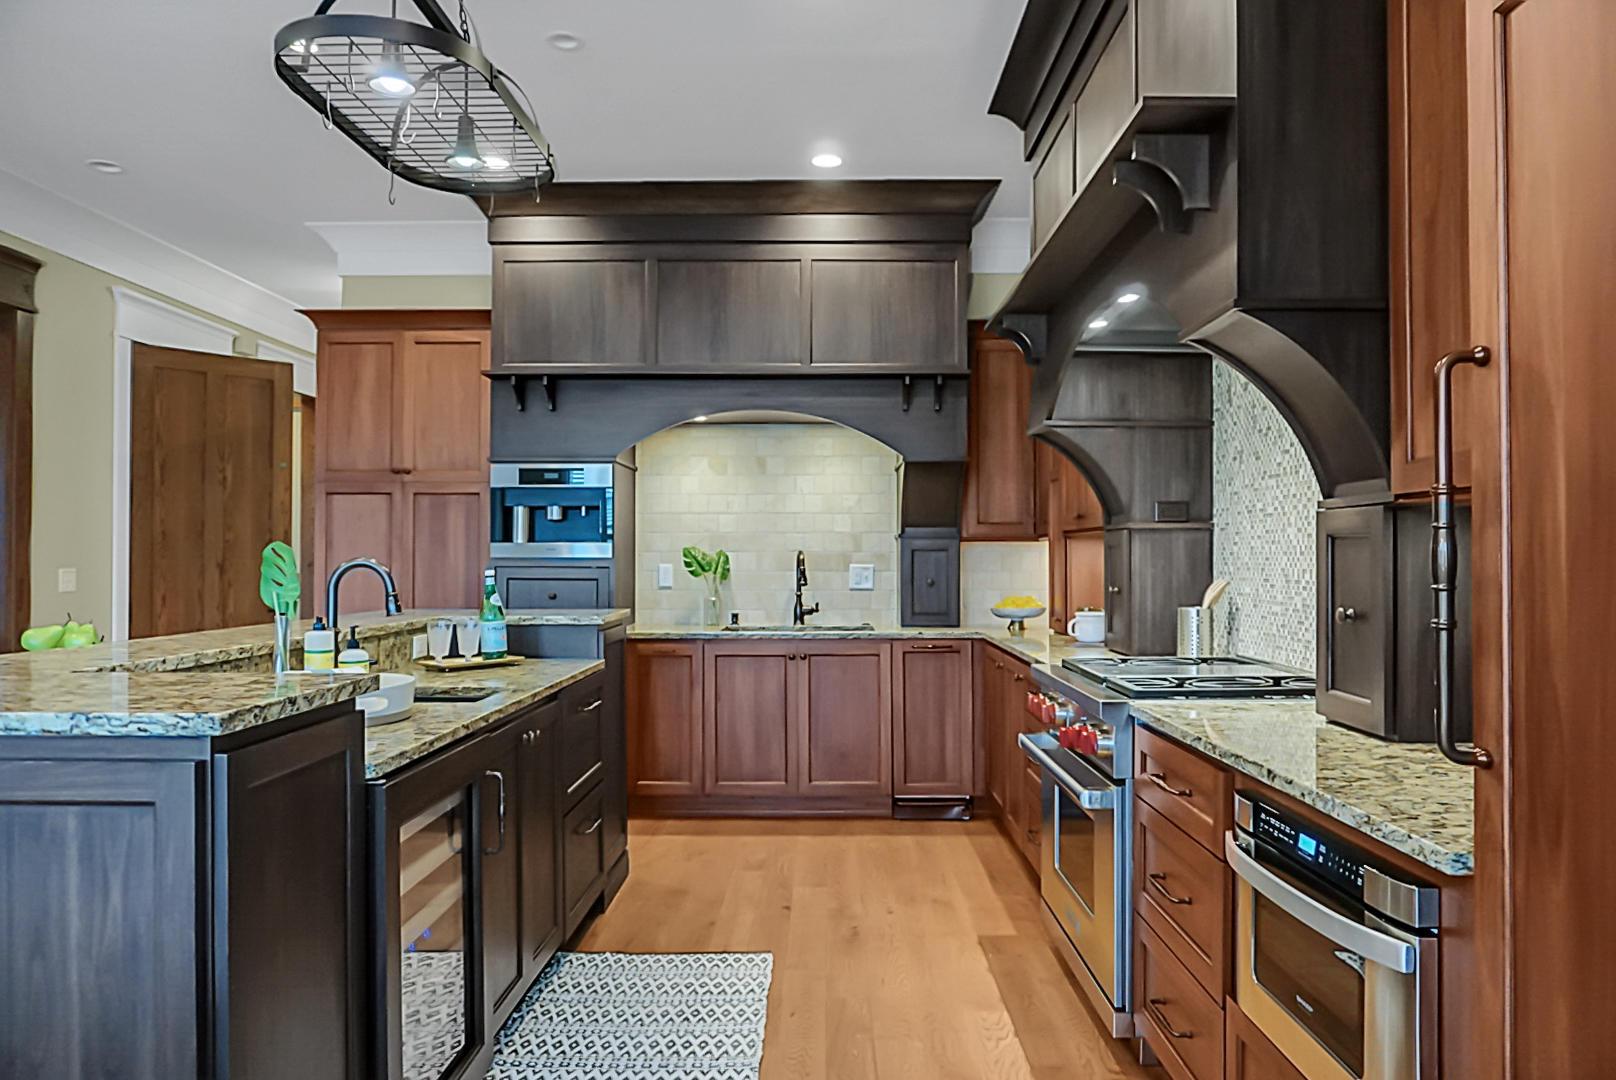 Dunes West Homes For Sale - 2978 River Vista, Mount Pleasant, SC - 90